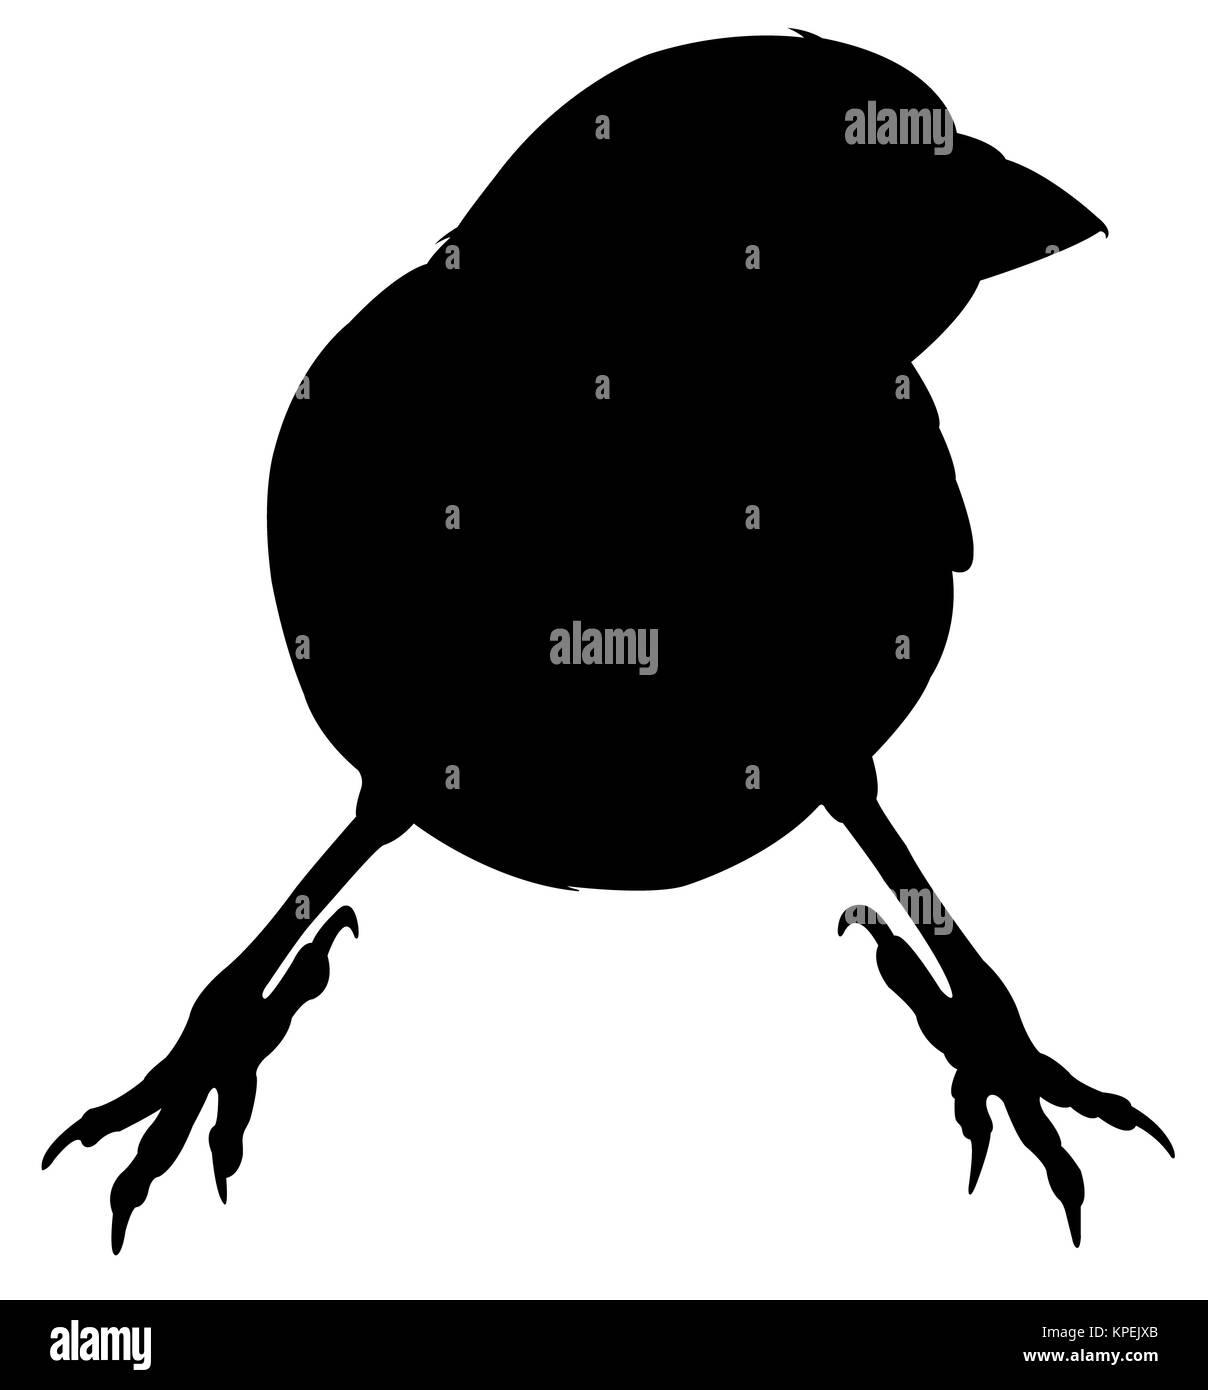 Un gorrión silueta vector Imagen De Stock